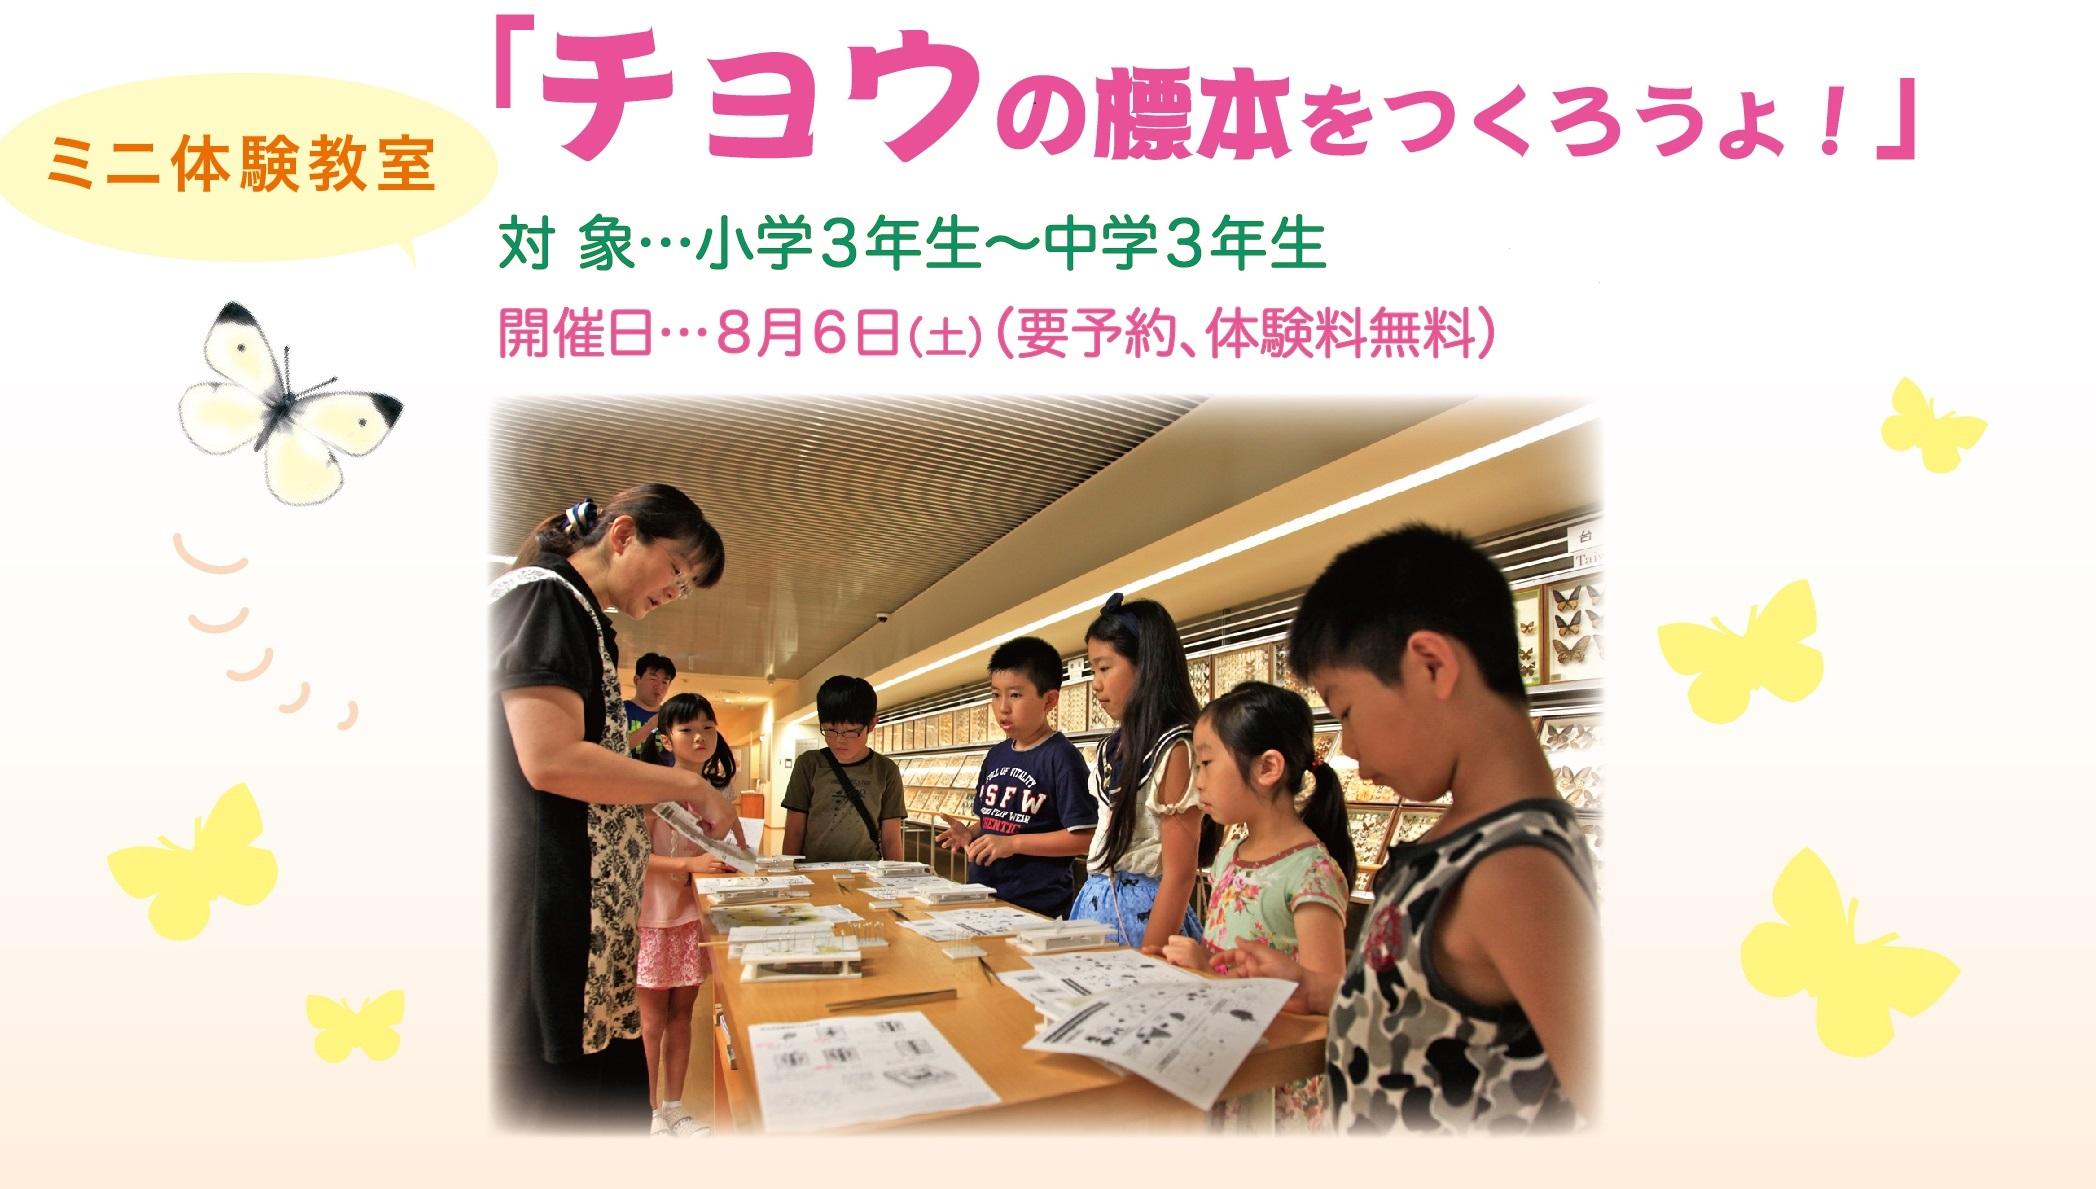 http://www.kameimuseum.or.jp/topics/2016/07/03/%E6%A8%99%E6%9C%AC%E4%BD%9C%E3%82%8A.jpg